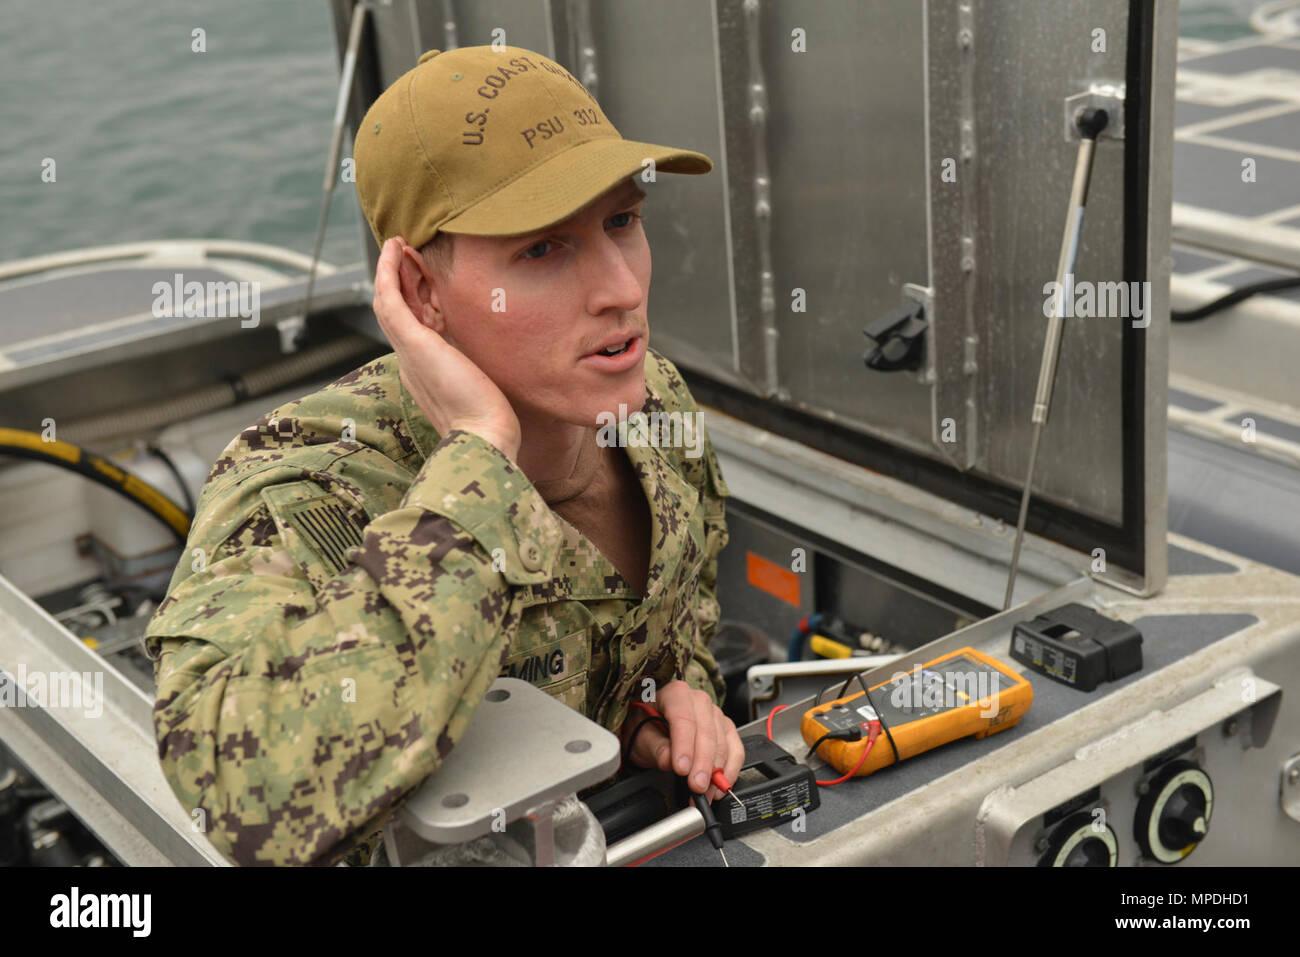 U.S. Coast Guard Maître de 2e classe Michael Fleming, un électricien d'un officier de la Garde côtière à 312 Unité de sécurité portuaire, dépanne un transportable de 32 pieds du bateau de sécurité pendant le fonctionnement du chauffage de l'exercice Pacific Reach 2017 à Pohang, République de Corée, le 8 avril 2017. OPRex17 est un événement de formation bilatérale conçu pour garantir l'état de préparation et de maintenir les capacités de renforcement de la Corée du Sud et les États-Unis Alliance. Les gardes côte serviront de cadre de combined task group la conduite d'eau, des ports et des opérations de sécurité de la protection côtière unis et la République de Corée et du personnel actif de l'exercice d'une zone Centre de Distribution Photo Stock